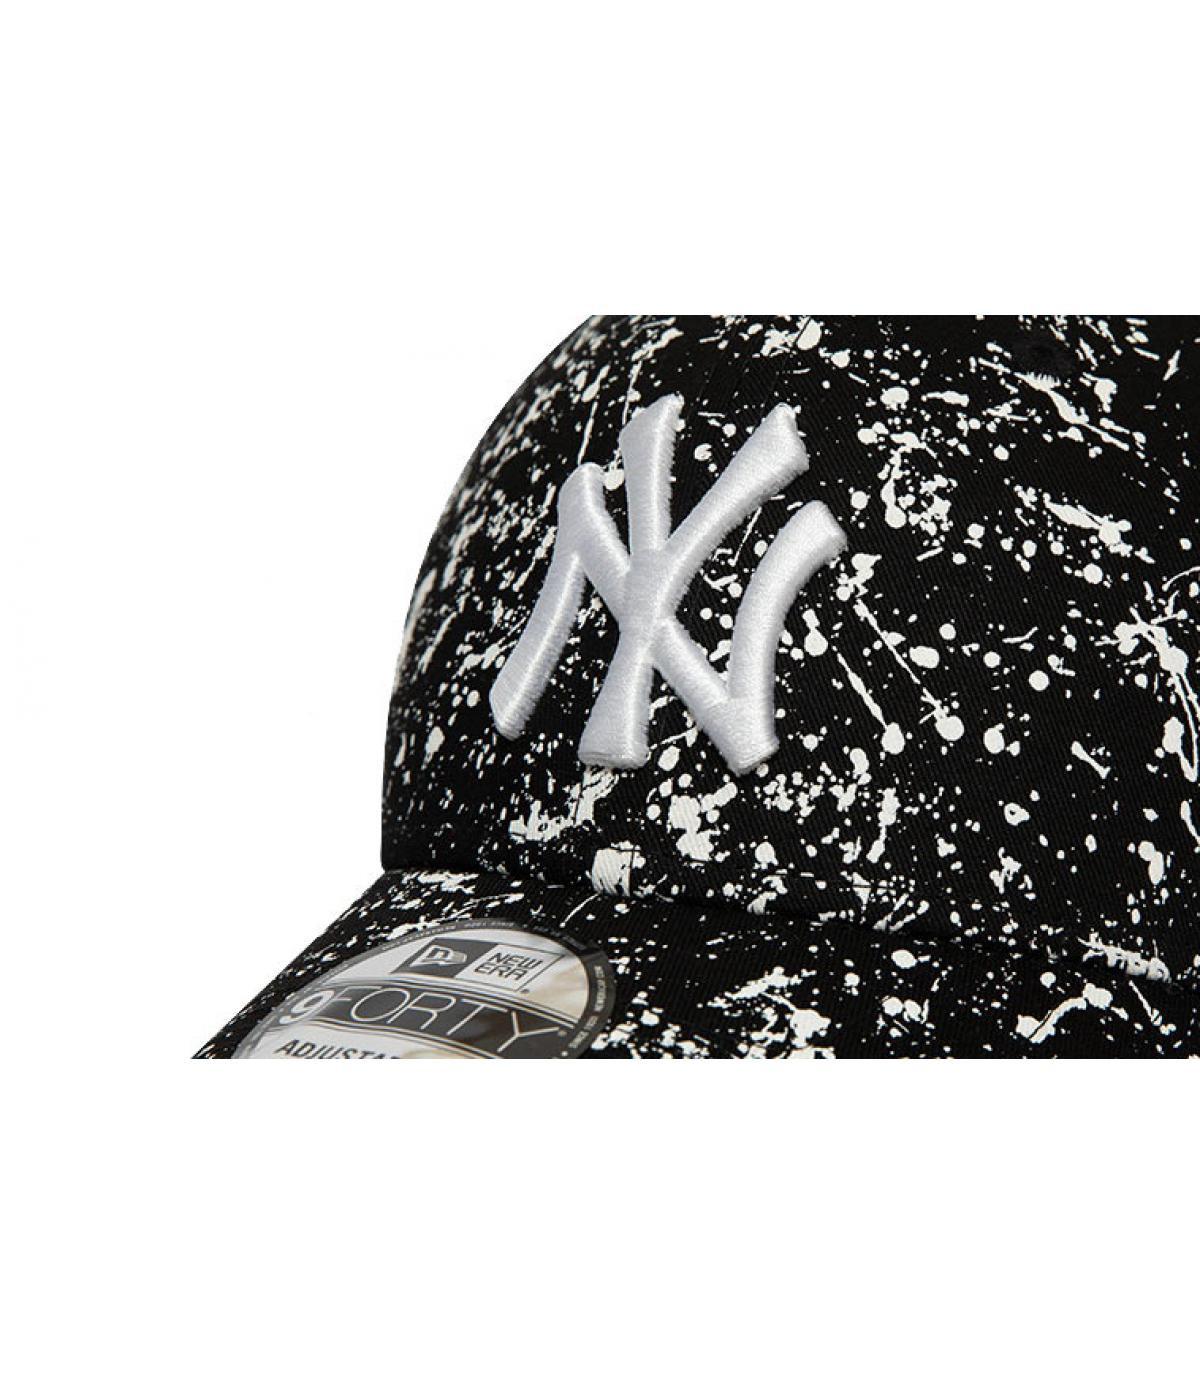 Details Cap MLB Paints NY 940 black - Abbildung 3